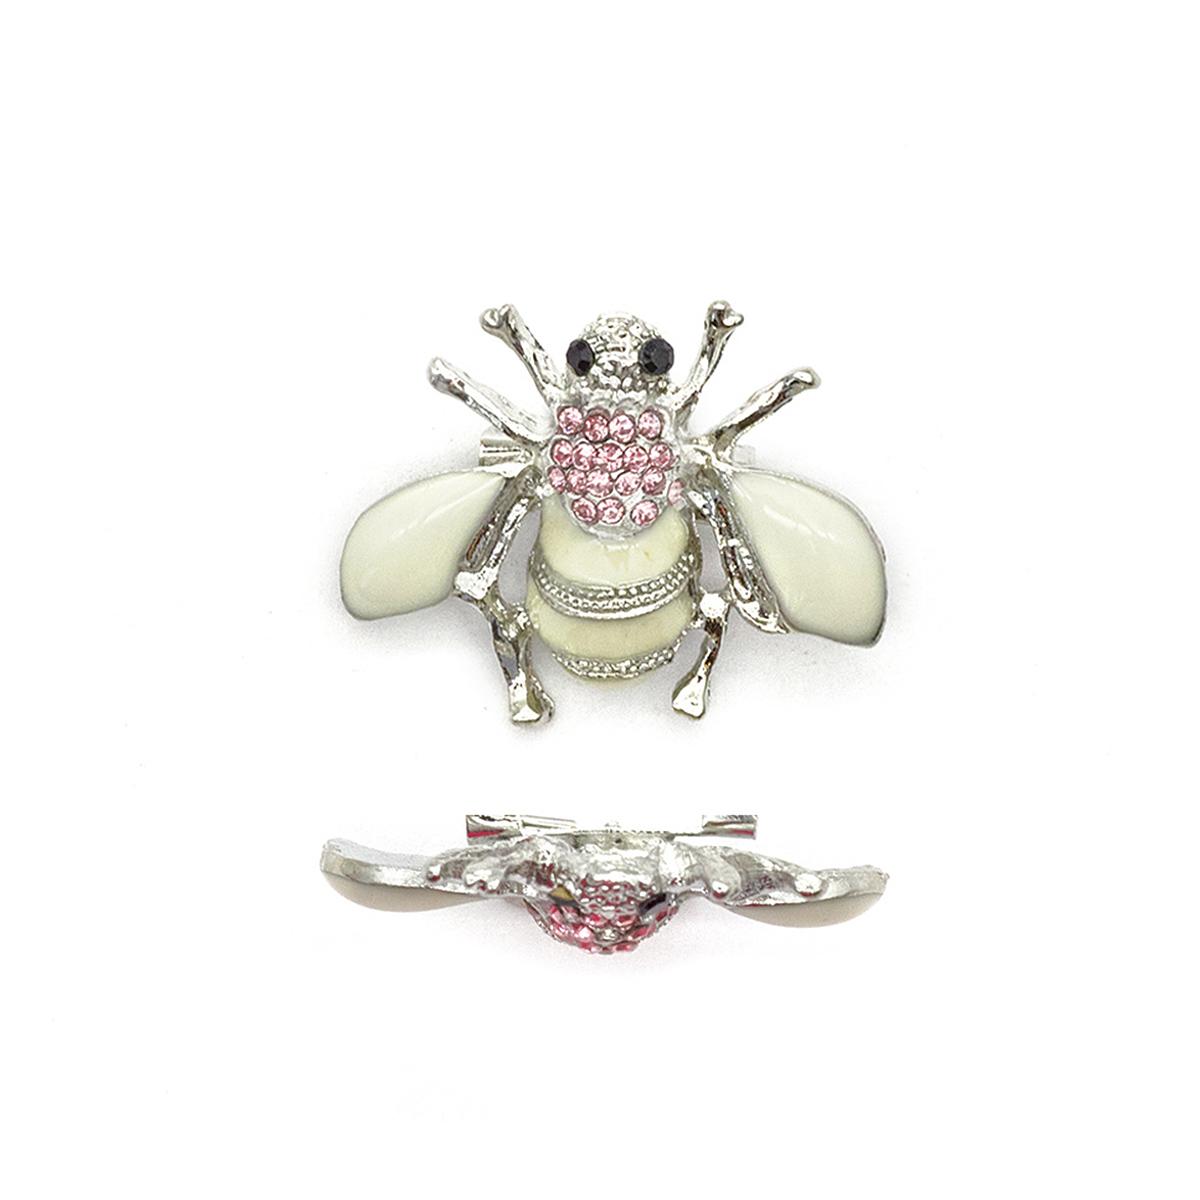 ГСХ584 Брошь Пчела 30*29мм, никель+белый/розовый страз